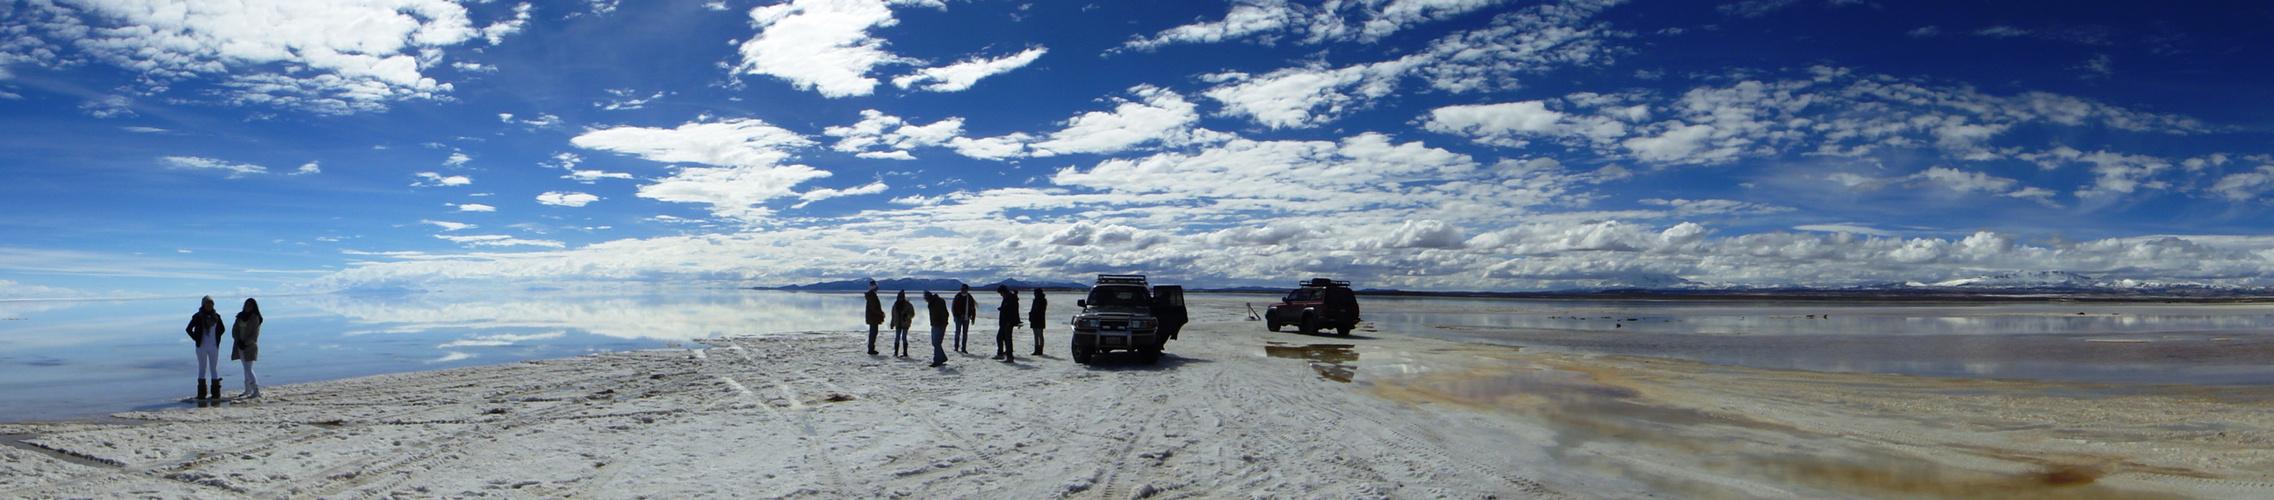 Salar de Uyuni- Potosi-Bolivia